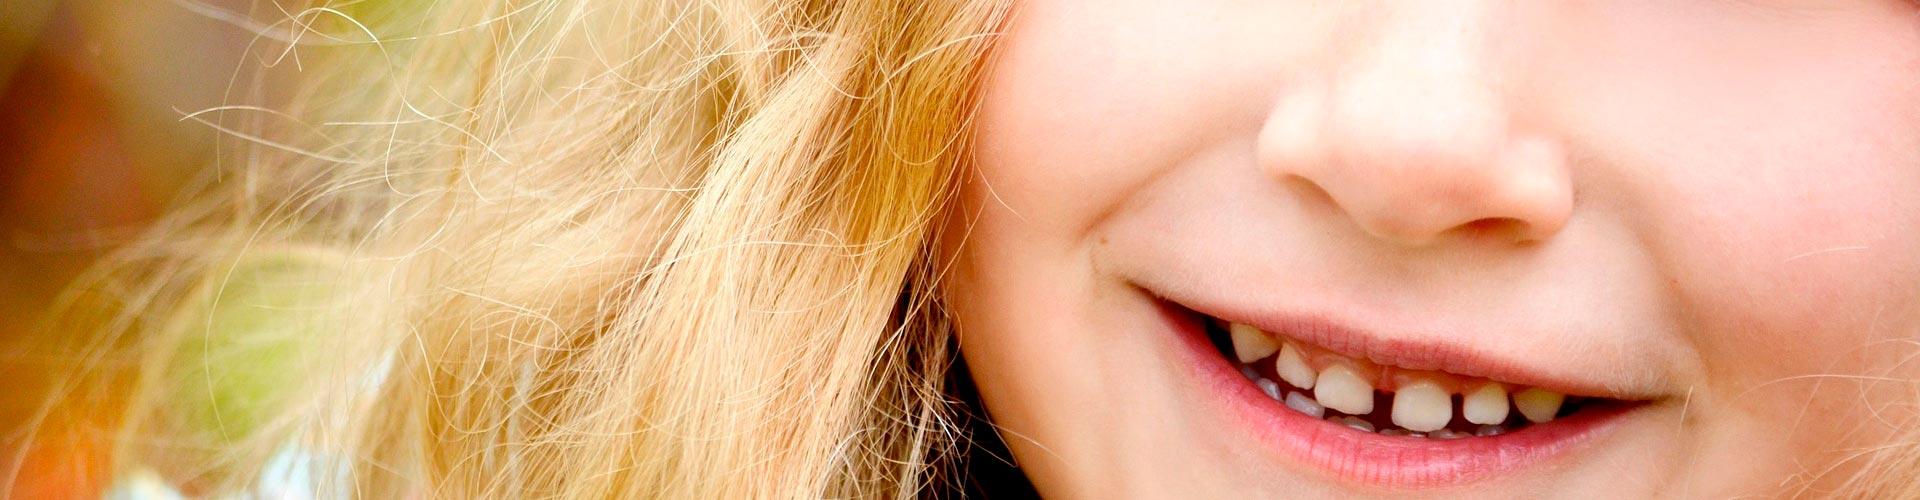 clinica_dental_Raquel_Artes_Palamos6